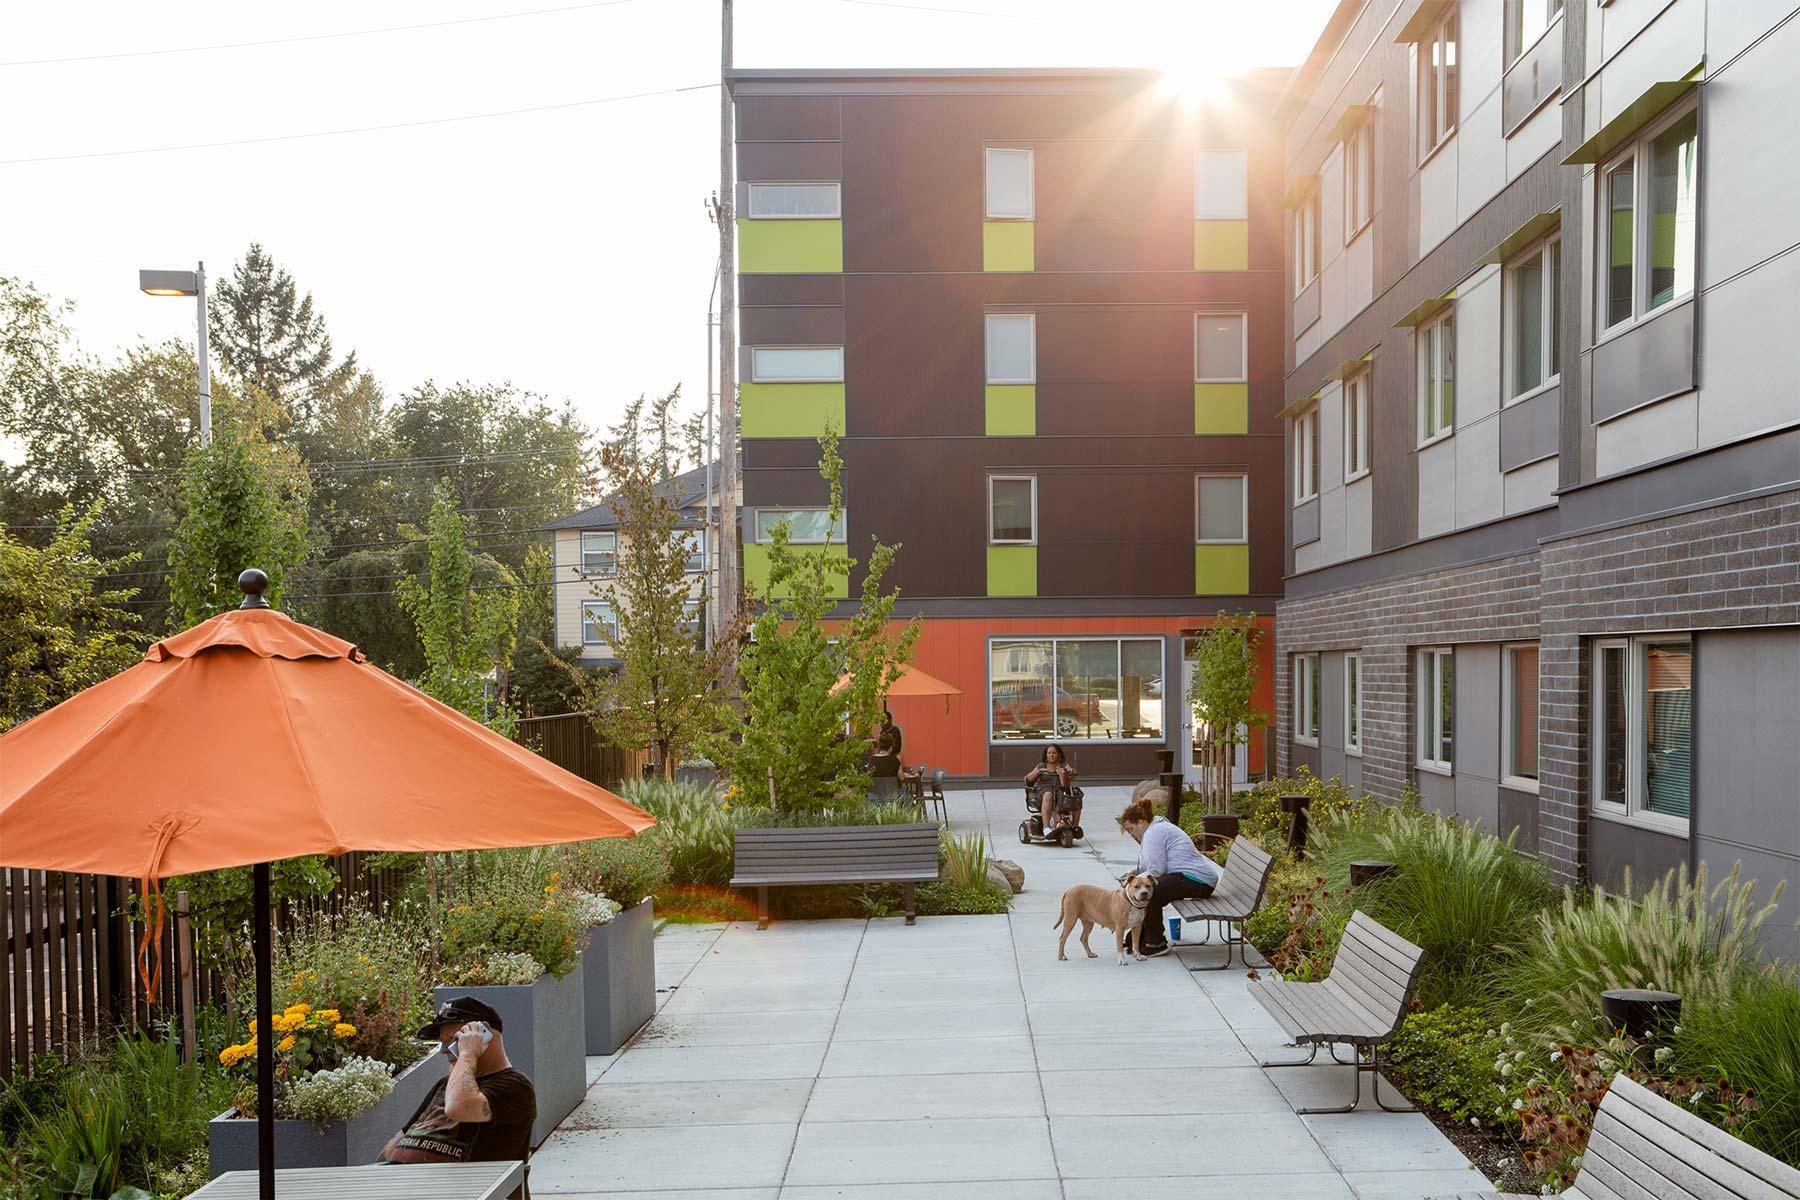 Housing Development Center